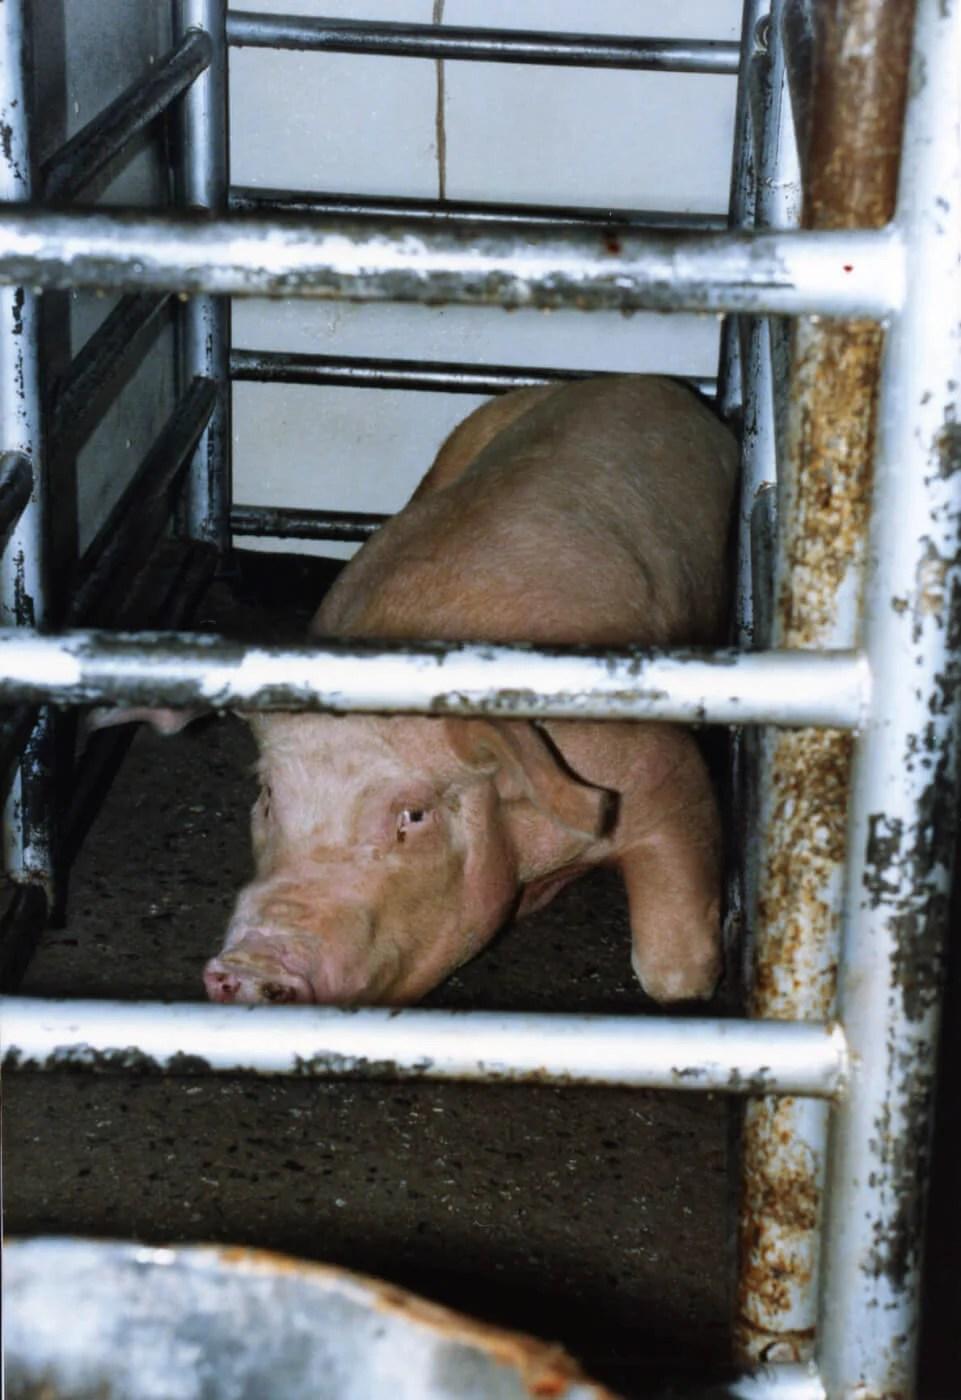 pig killed for food